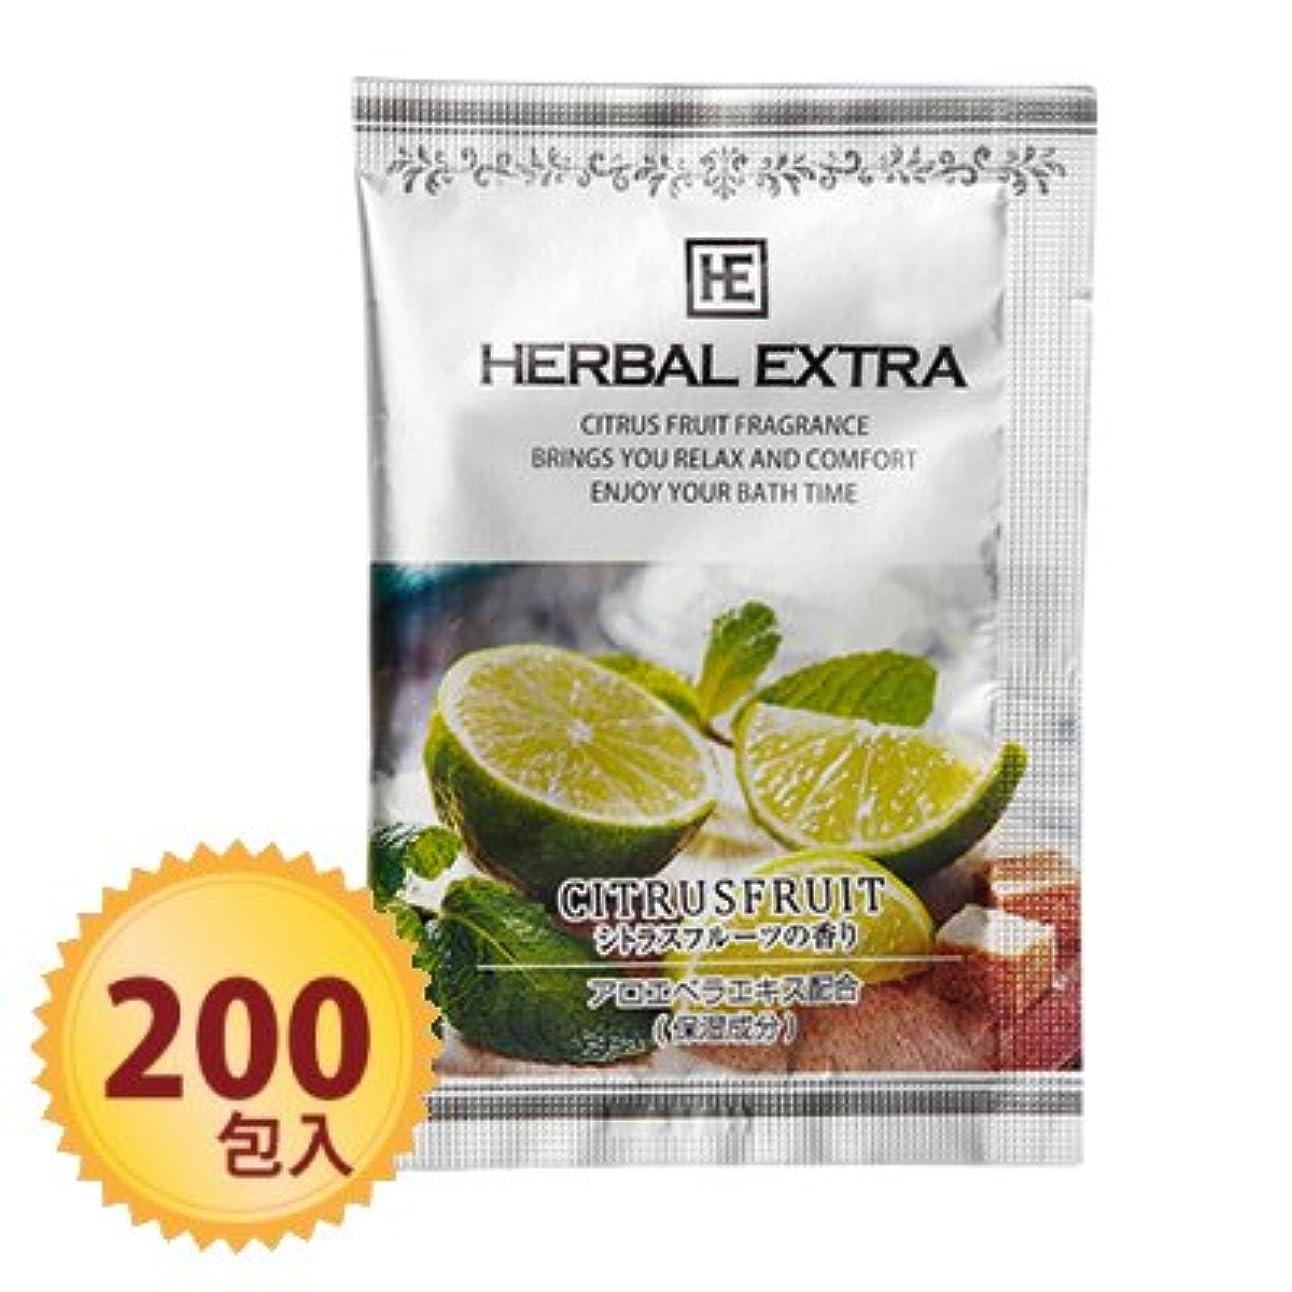 モンキー有害クレタハーバルエクストラBS シトラスフルーツの香り 20g×200個